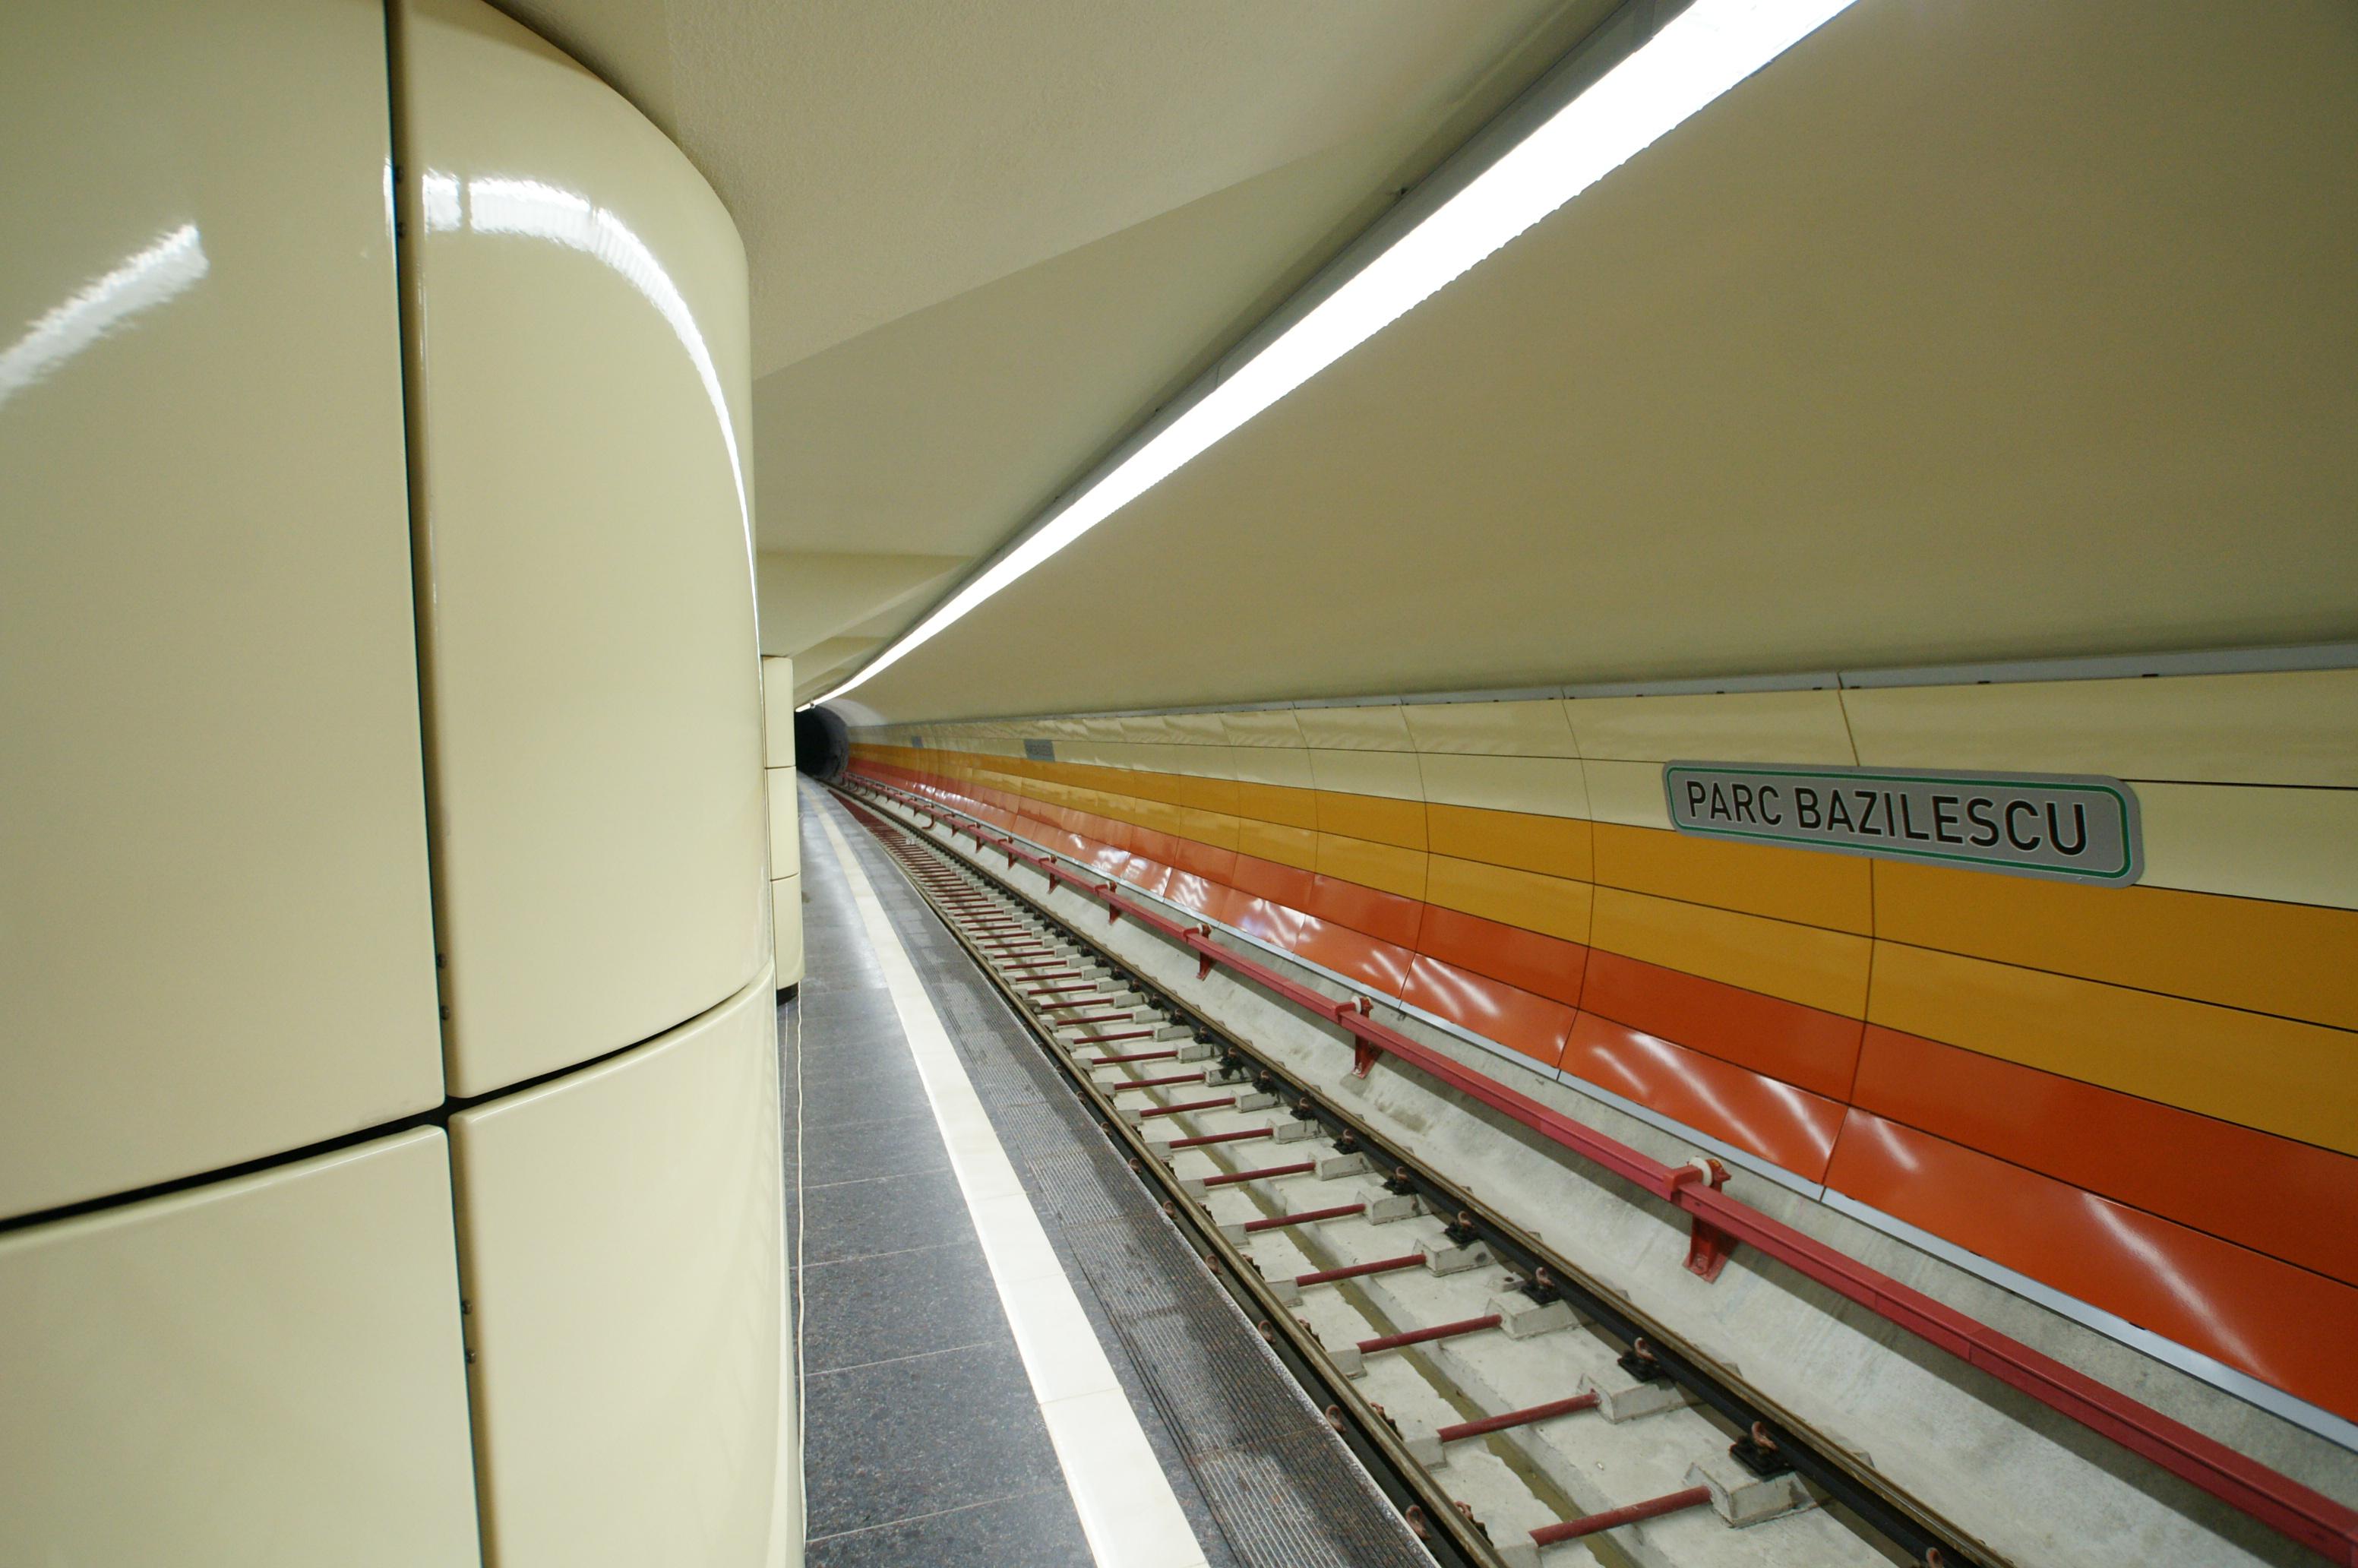 Panouri din tabla de otel folosite la statia de metrou Bazilescu OMERAS - Poza 5